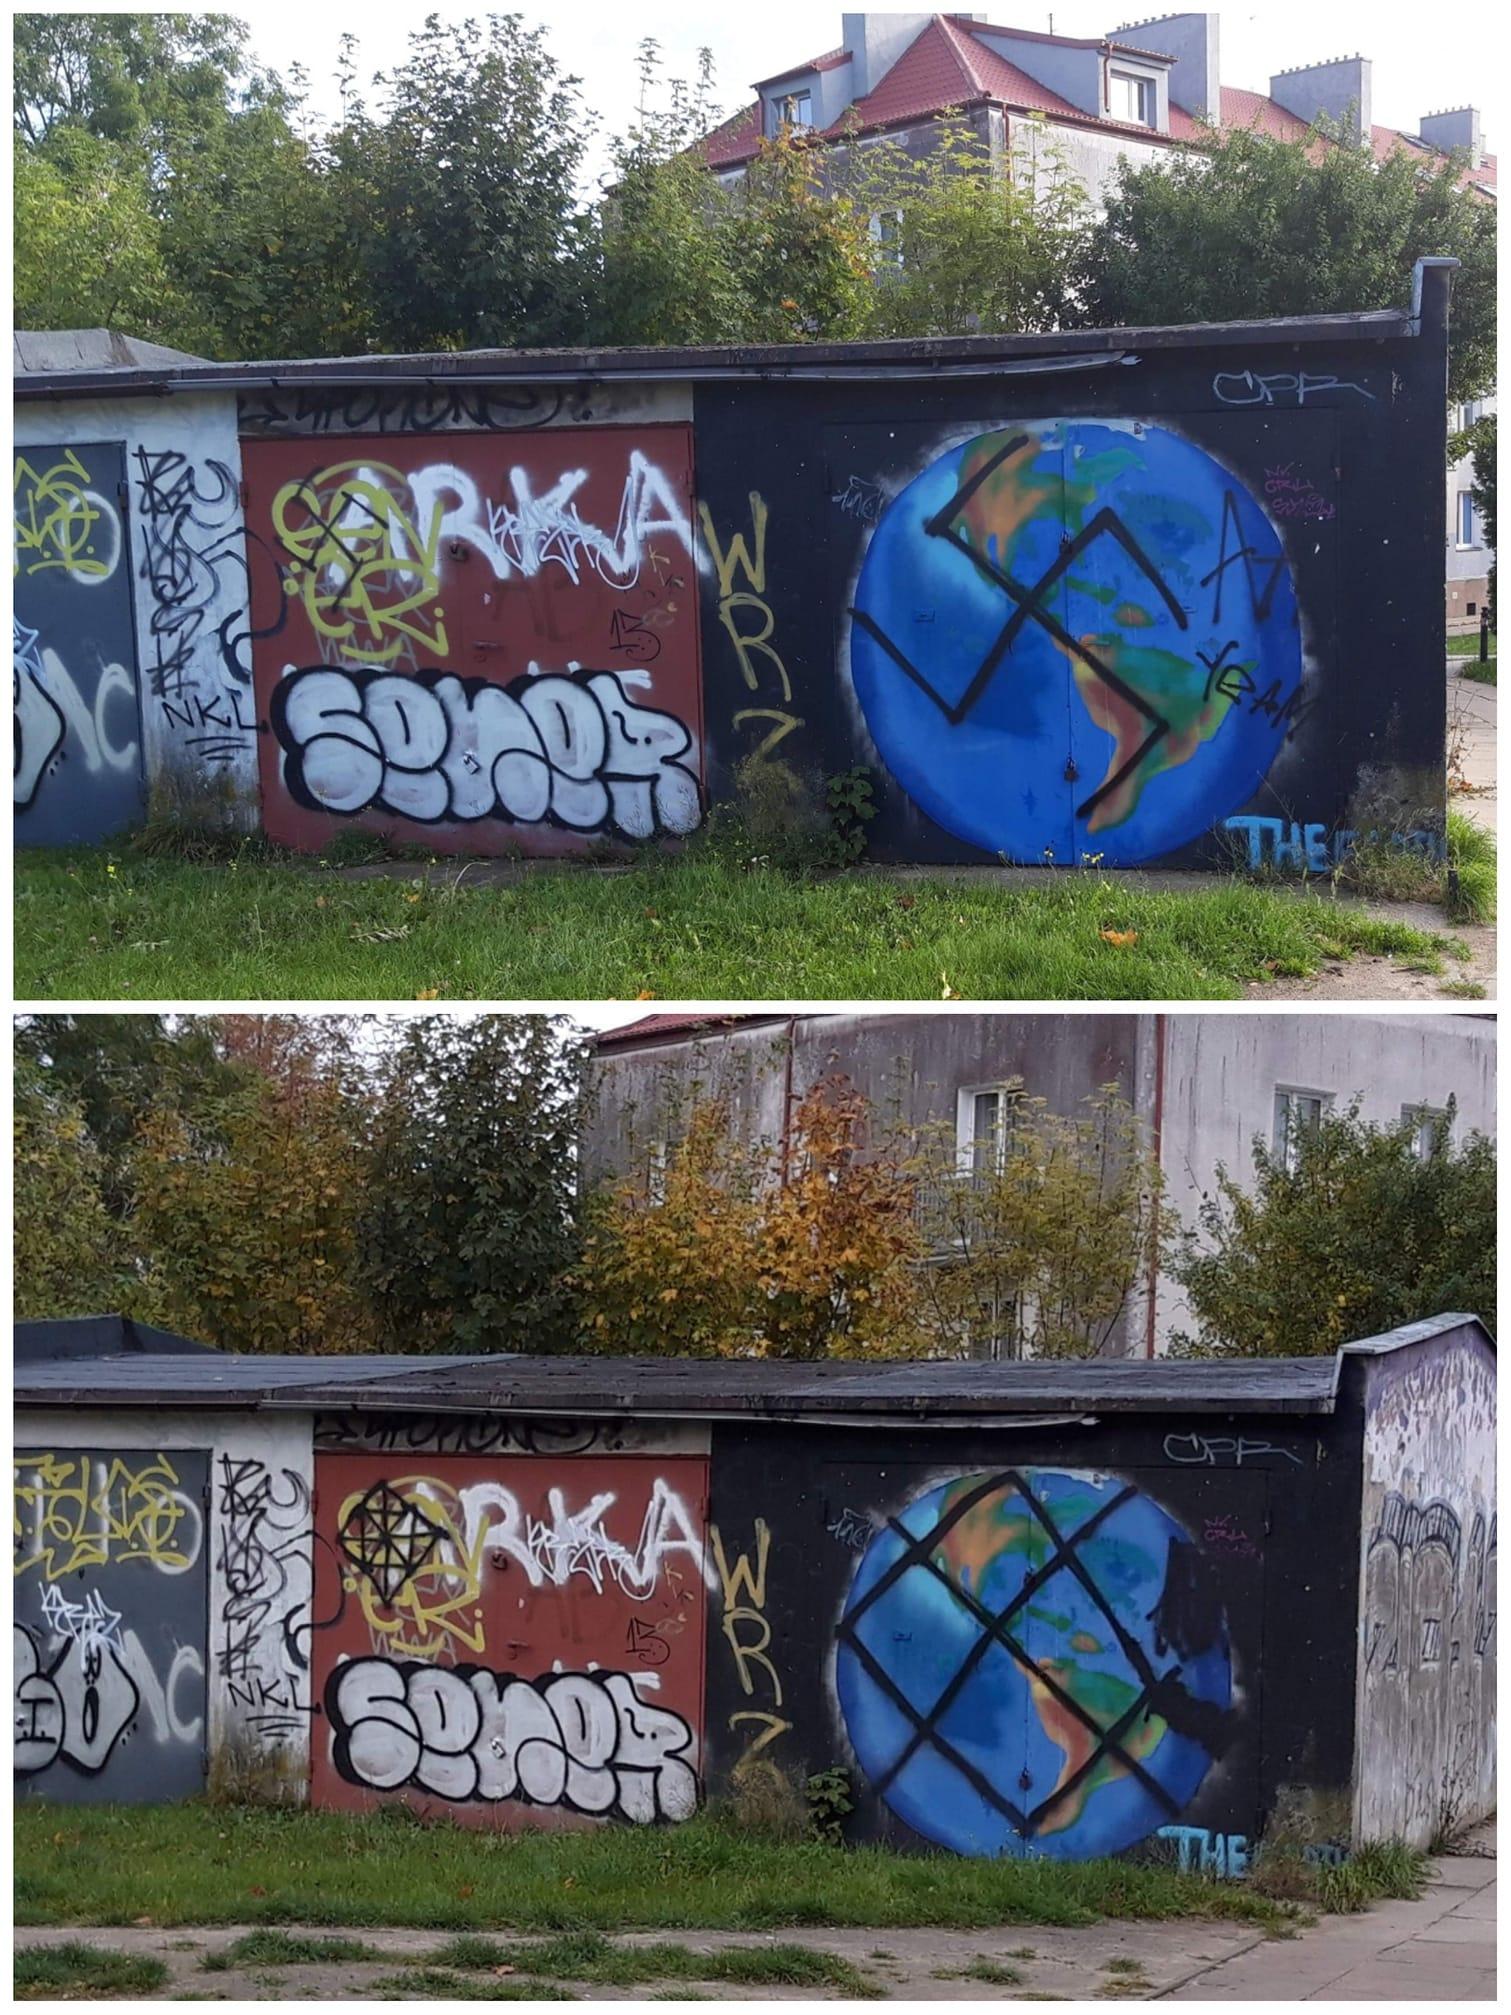 Straż Miejska we Władysławowie kontra swastyka. Będzie kara za grafitti na garażu?